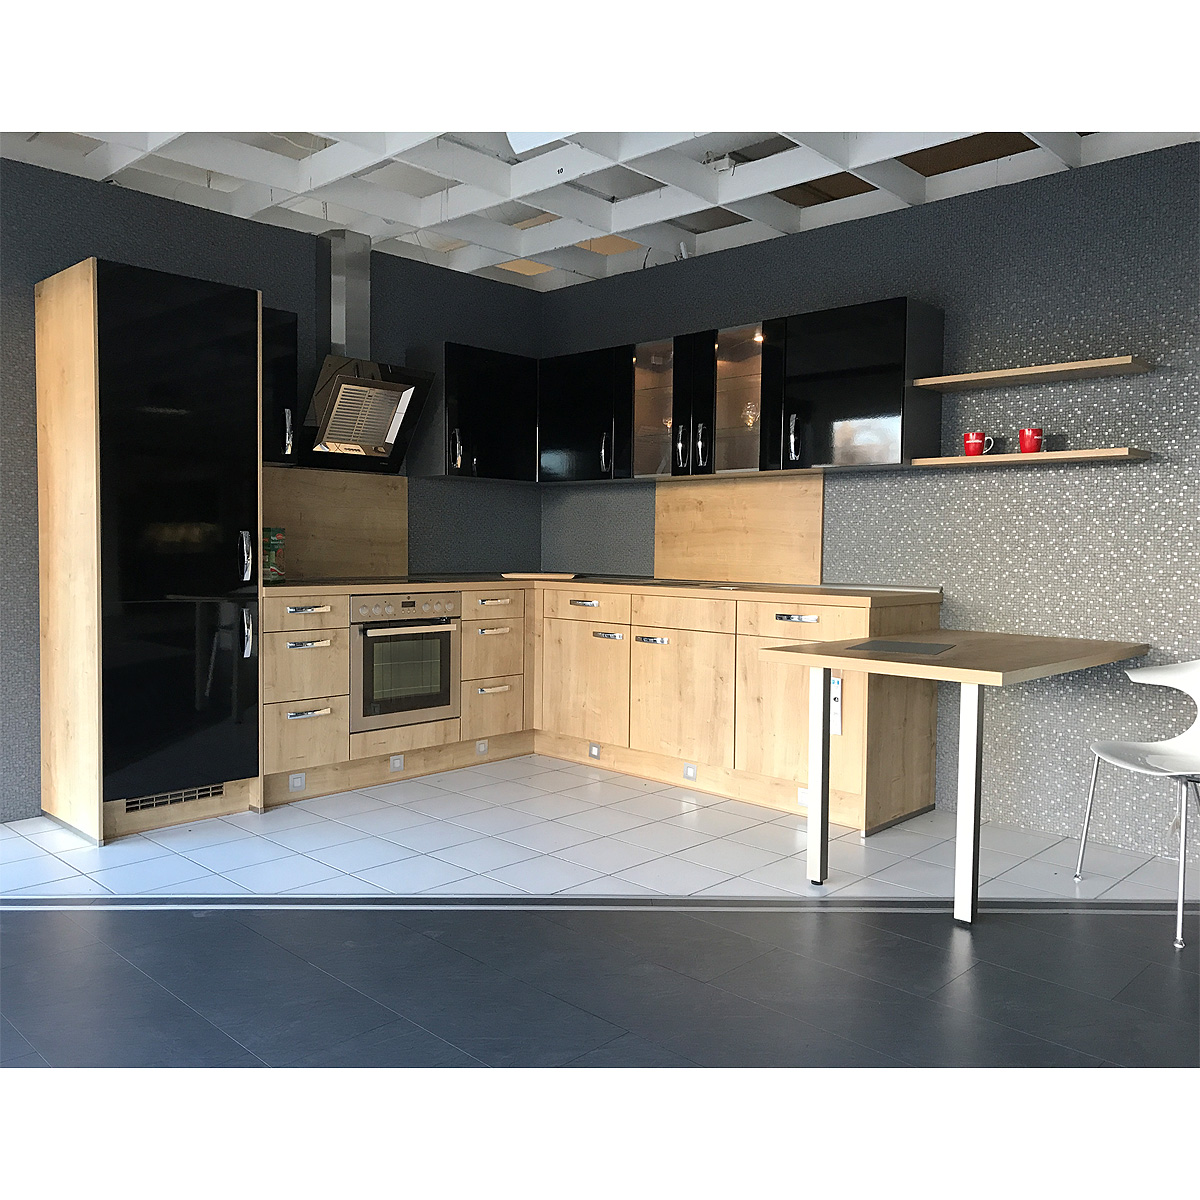 einbauk che nobilia ausstellungsk che k che in schwarz hochglanz eiche e ger te ebay. Black Bedroom Furniture Sets. Home Design Ideas